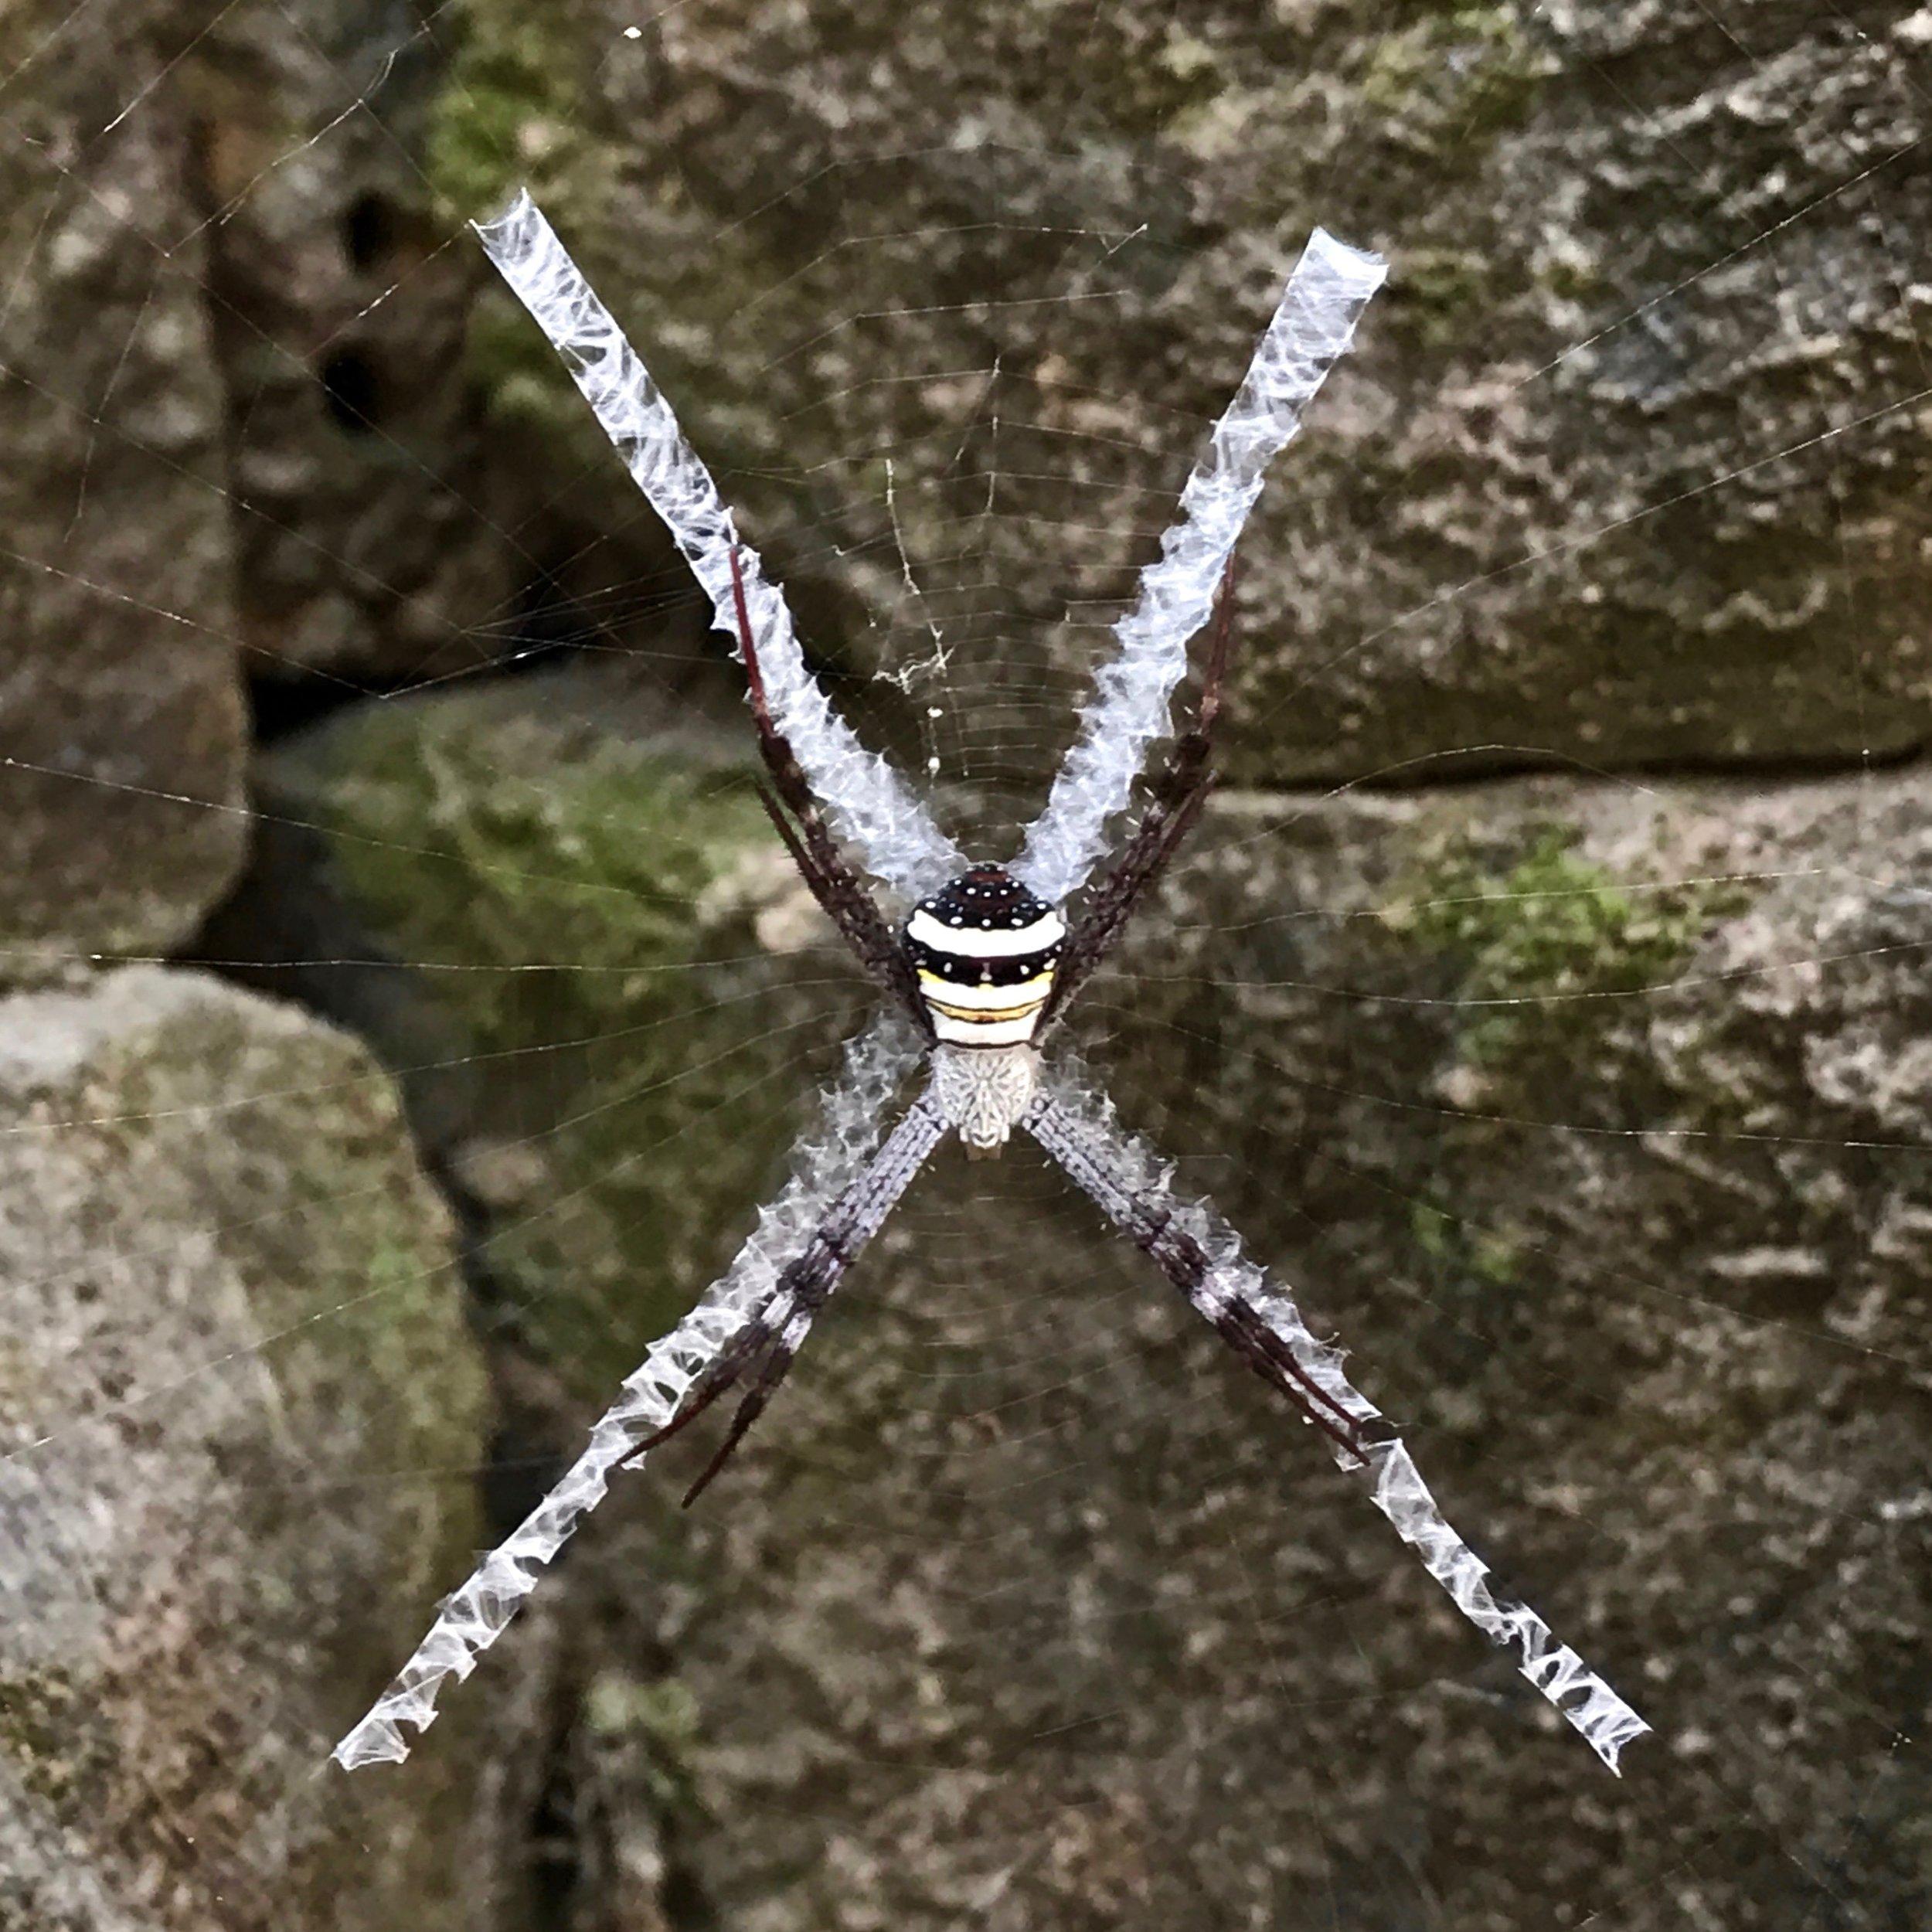 Spider at Angkor Thom